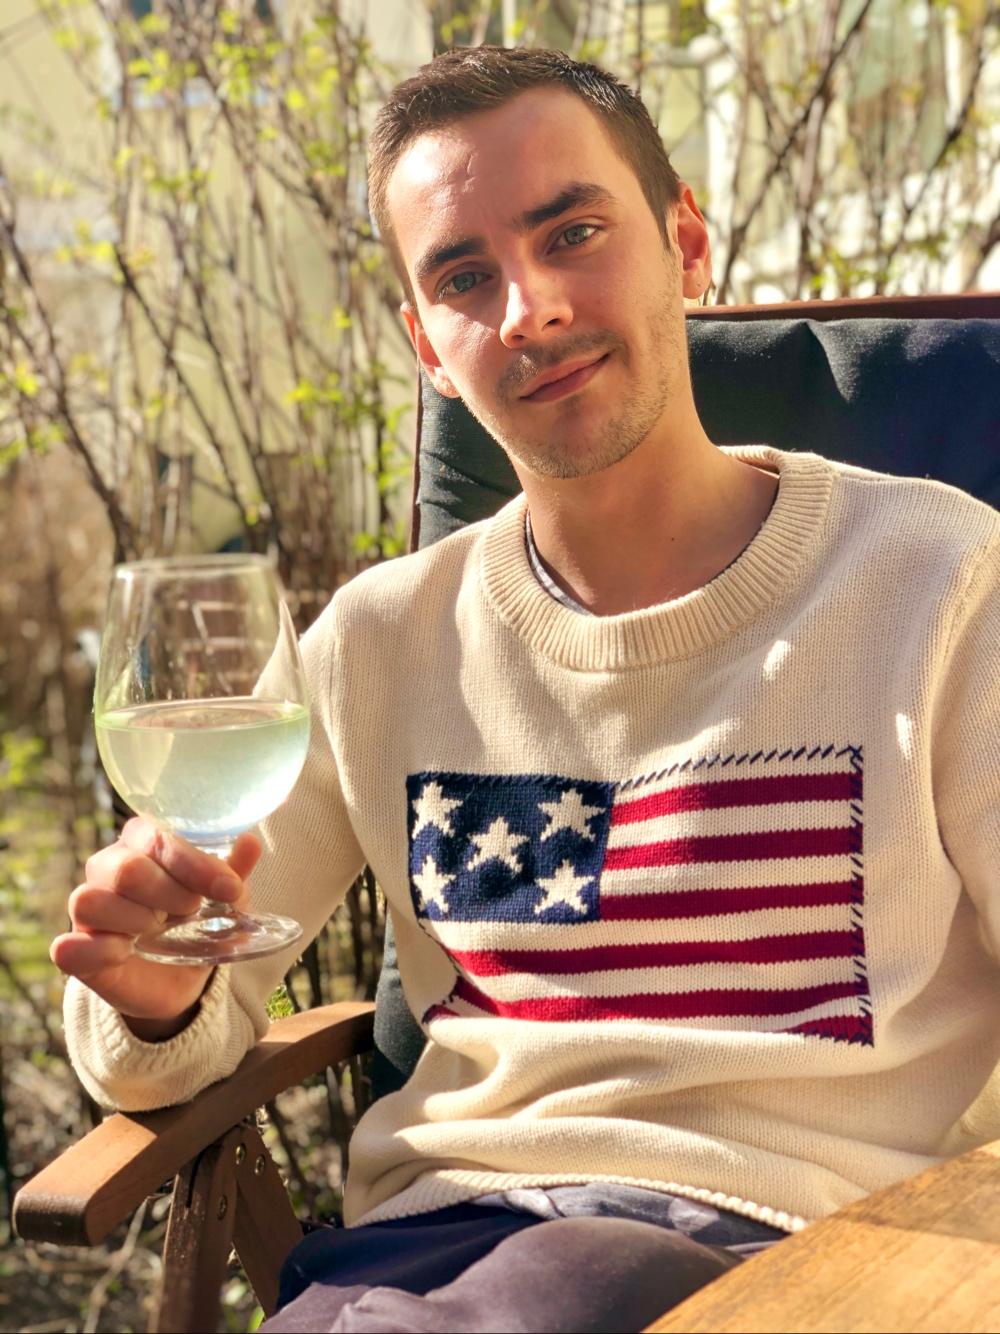 bild på en kille med en drink i handen som sitter ute av sebastian thorell